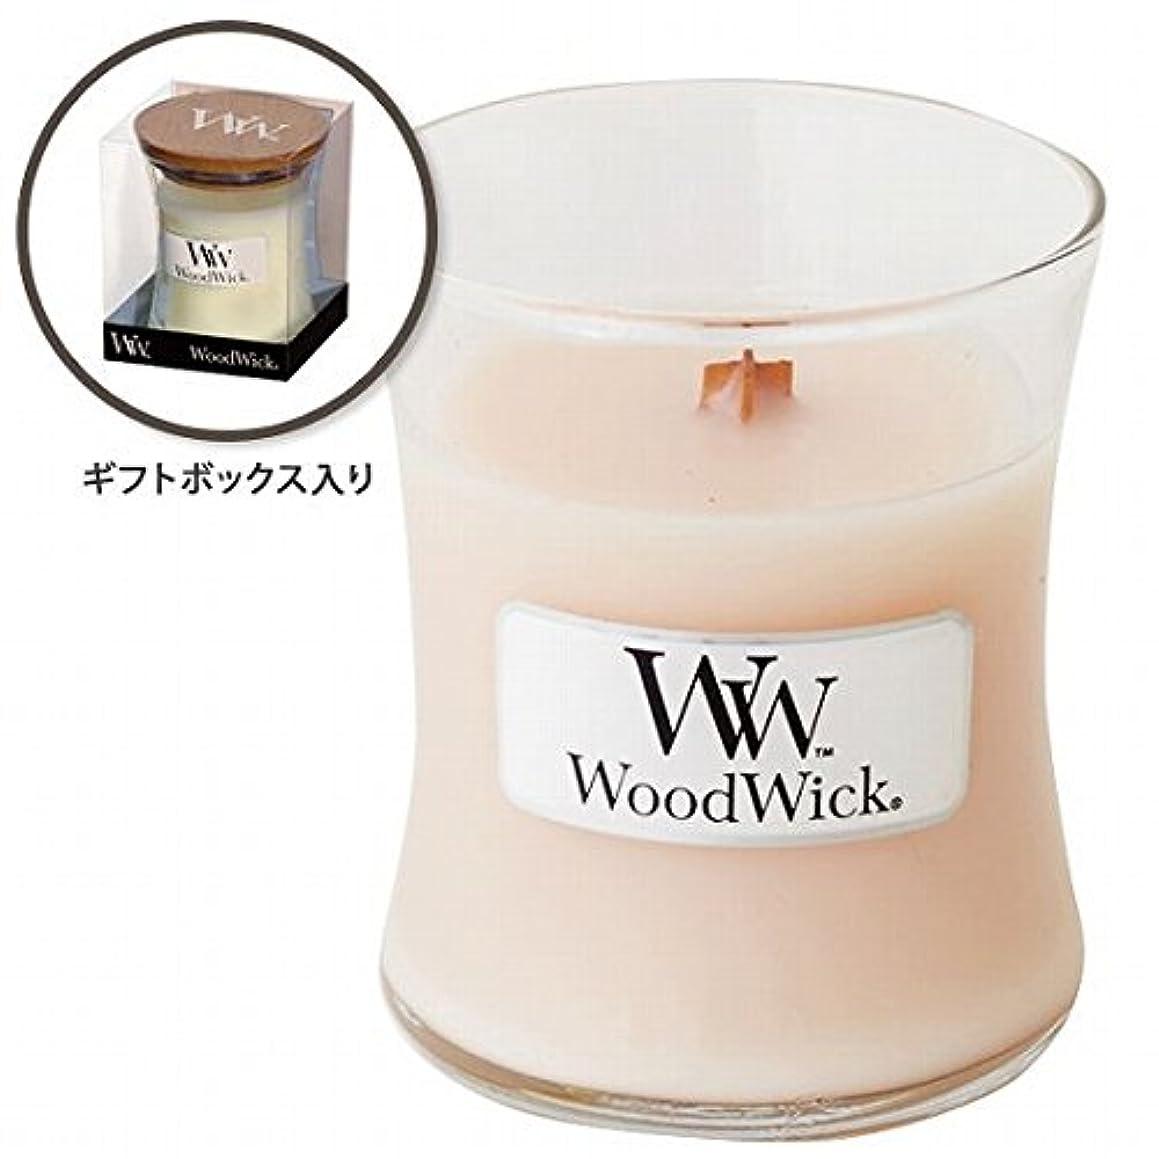 偏差笑運動するWoodWick(ウッドウィック) Wood WickジャーS 「コースタルサンセット」(W9000563)